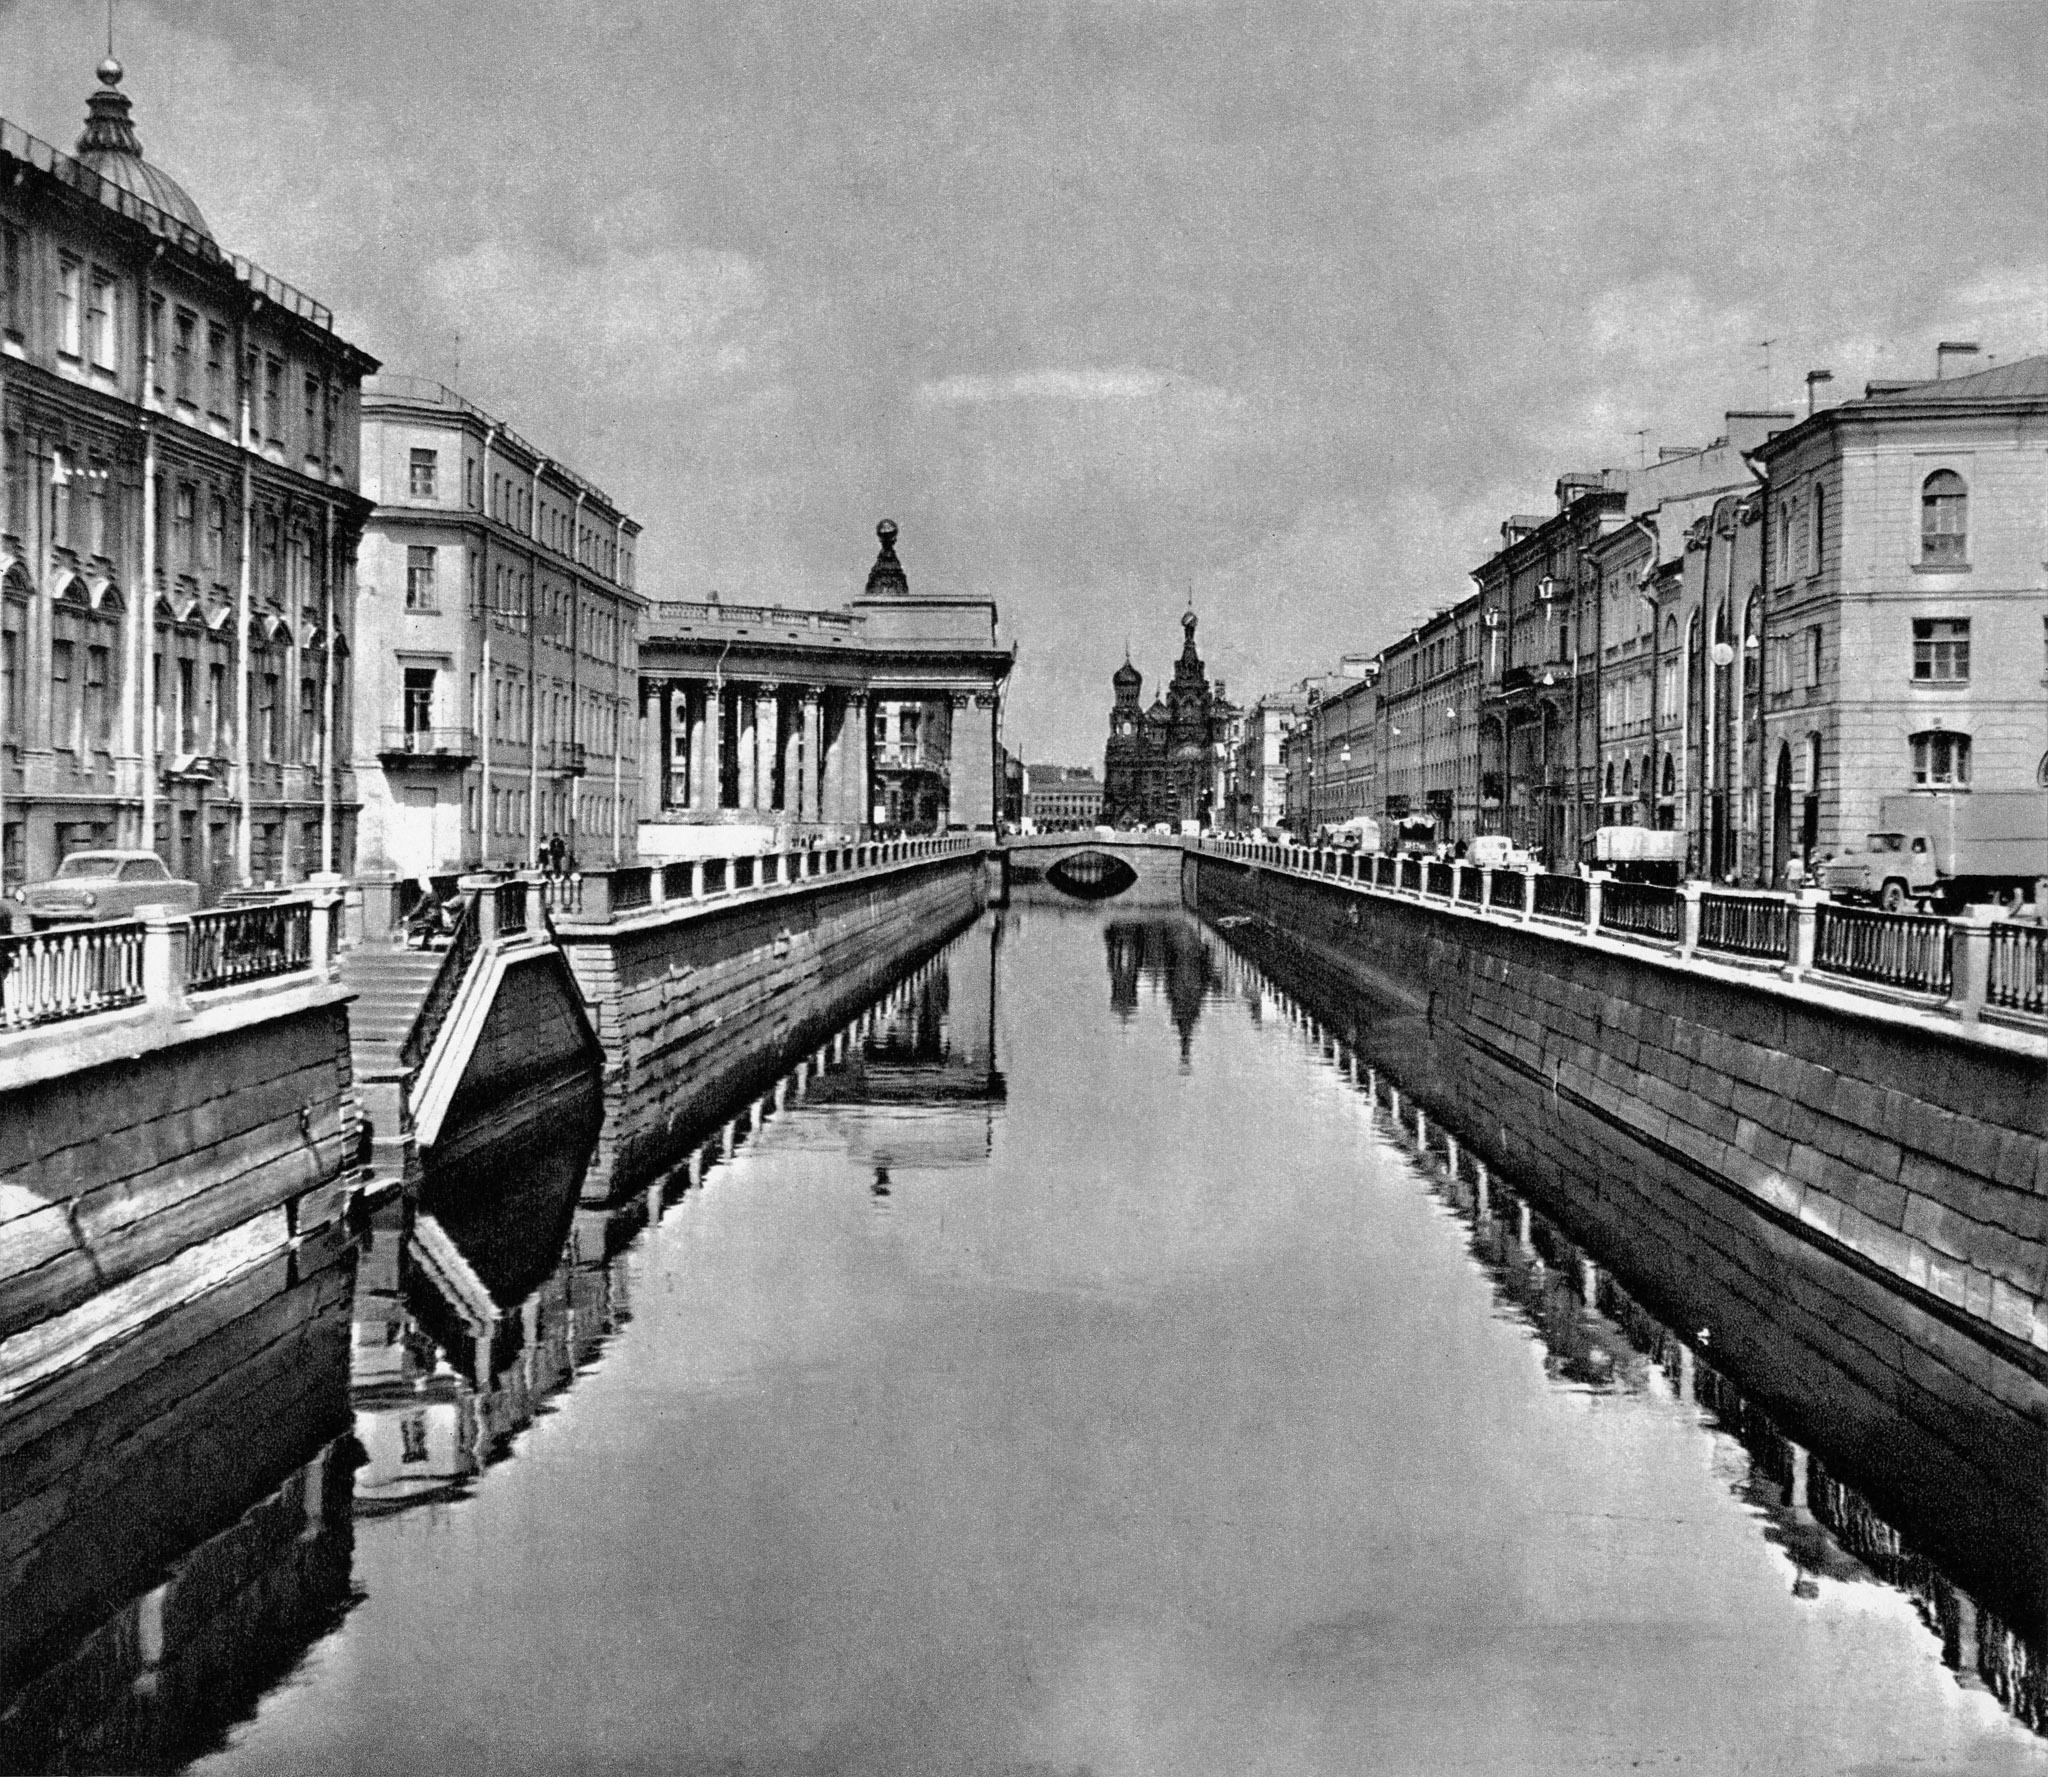 Канал Грибоедова. Вдали – Казанский мост / Griboyedov Canal with Kazan Bridge in the distance